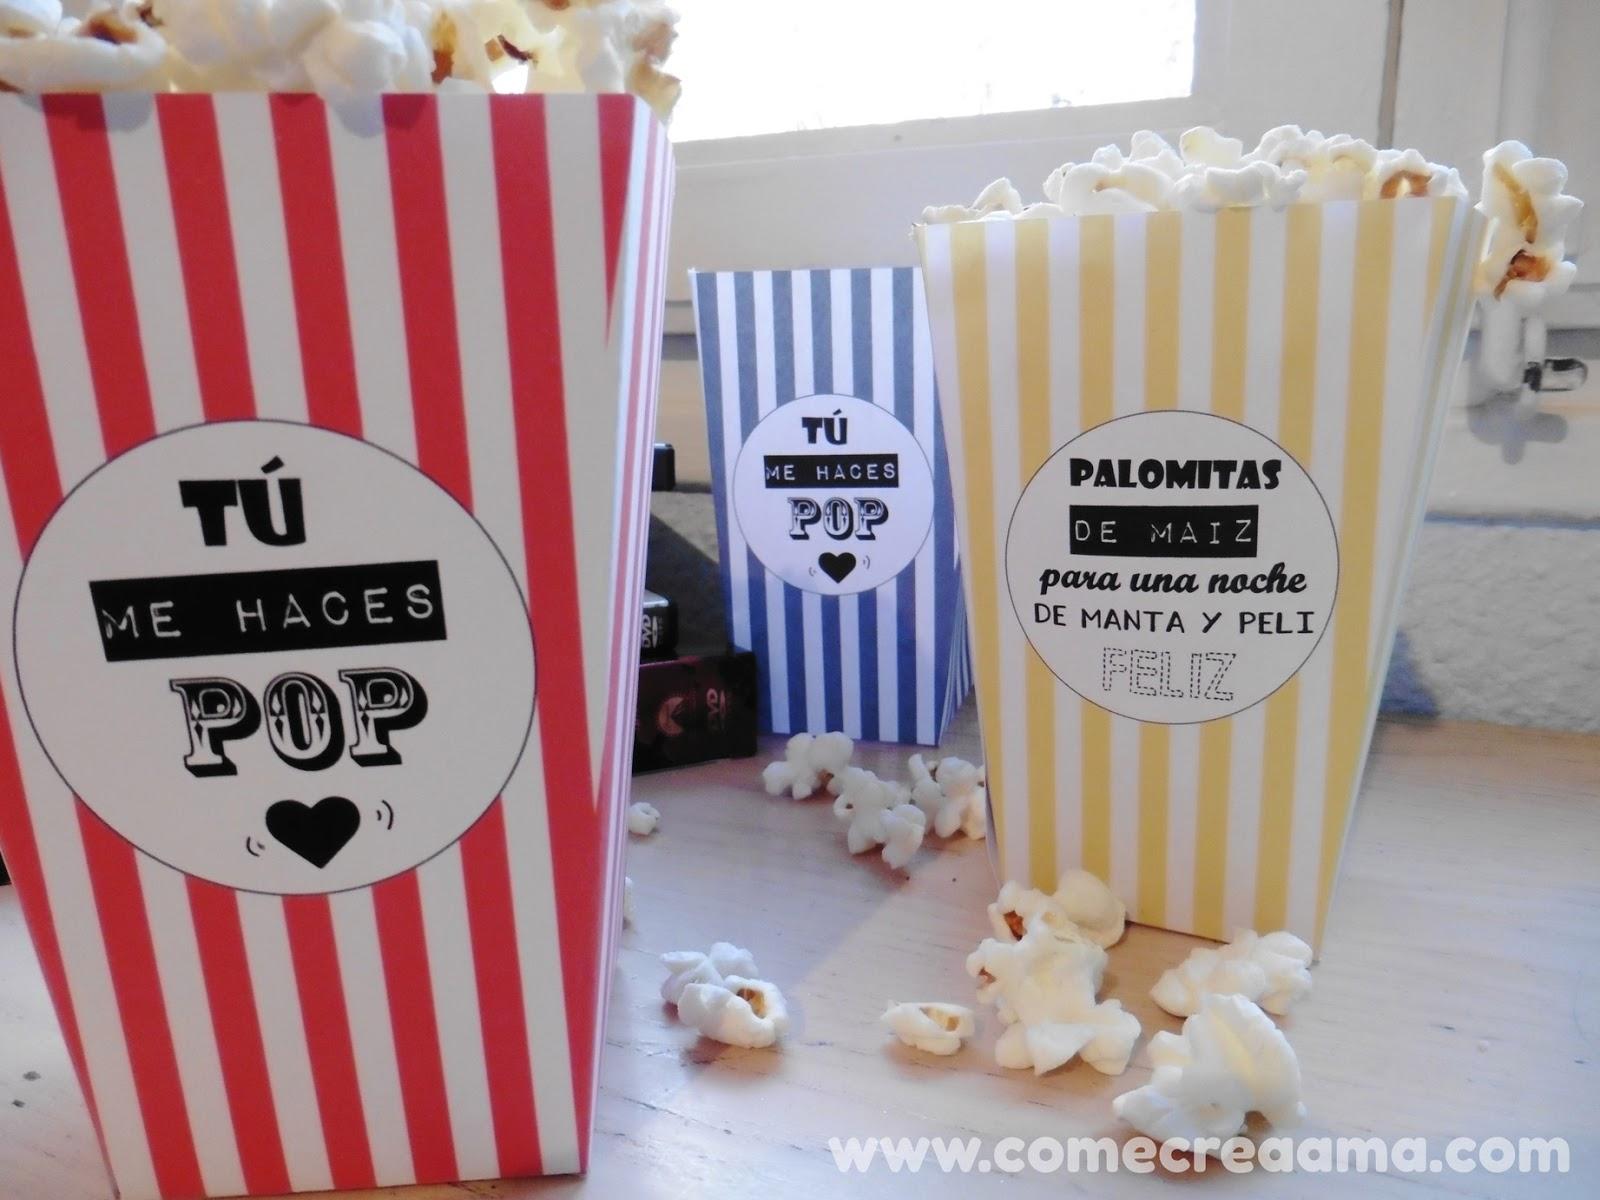 cajas para popcorn